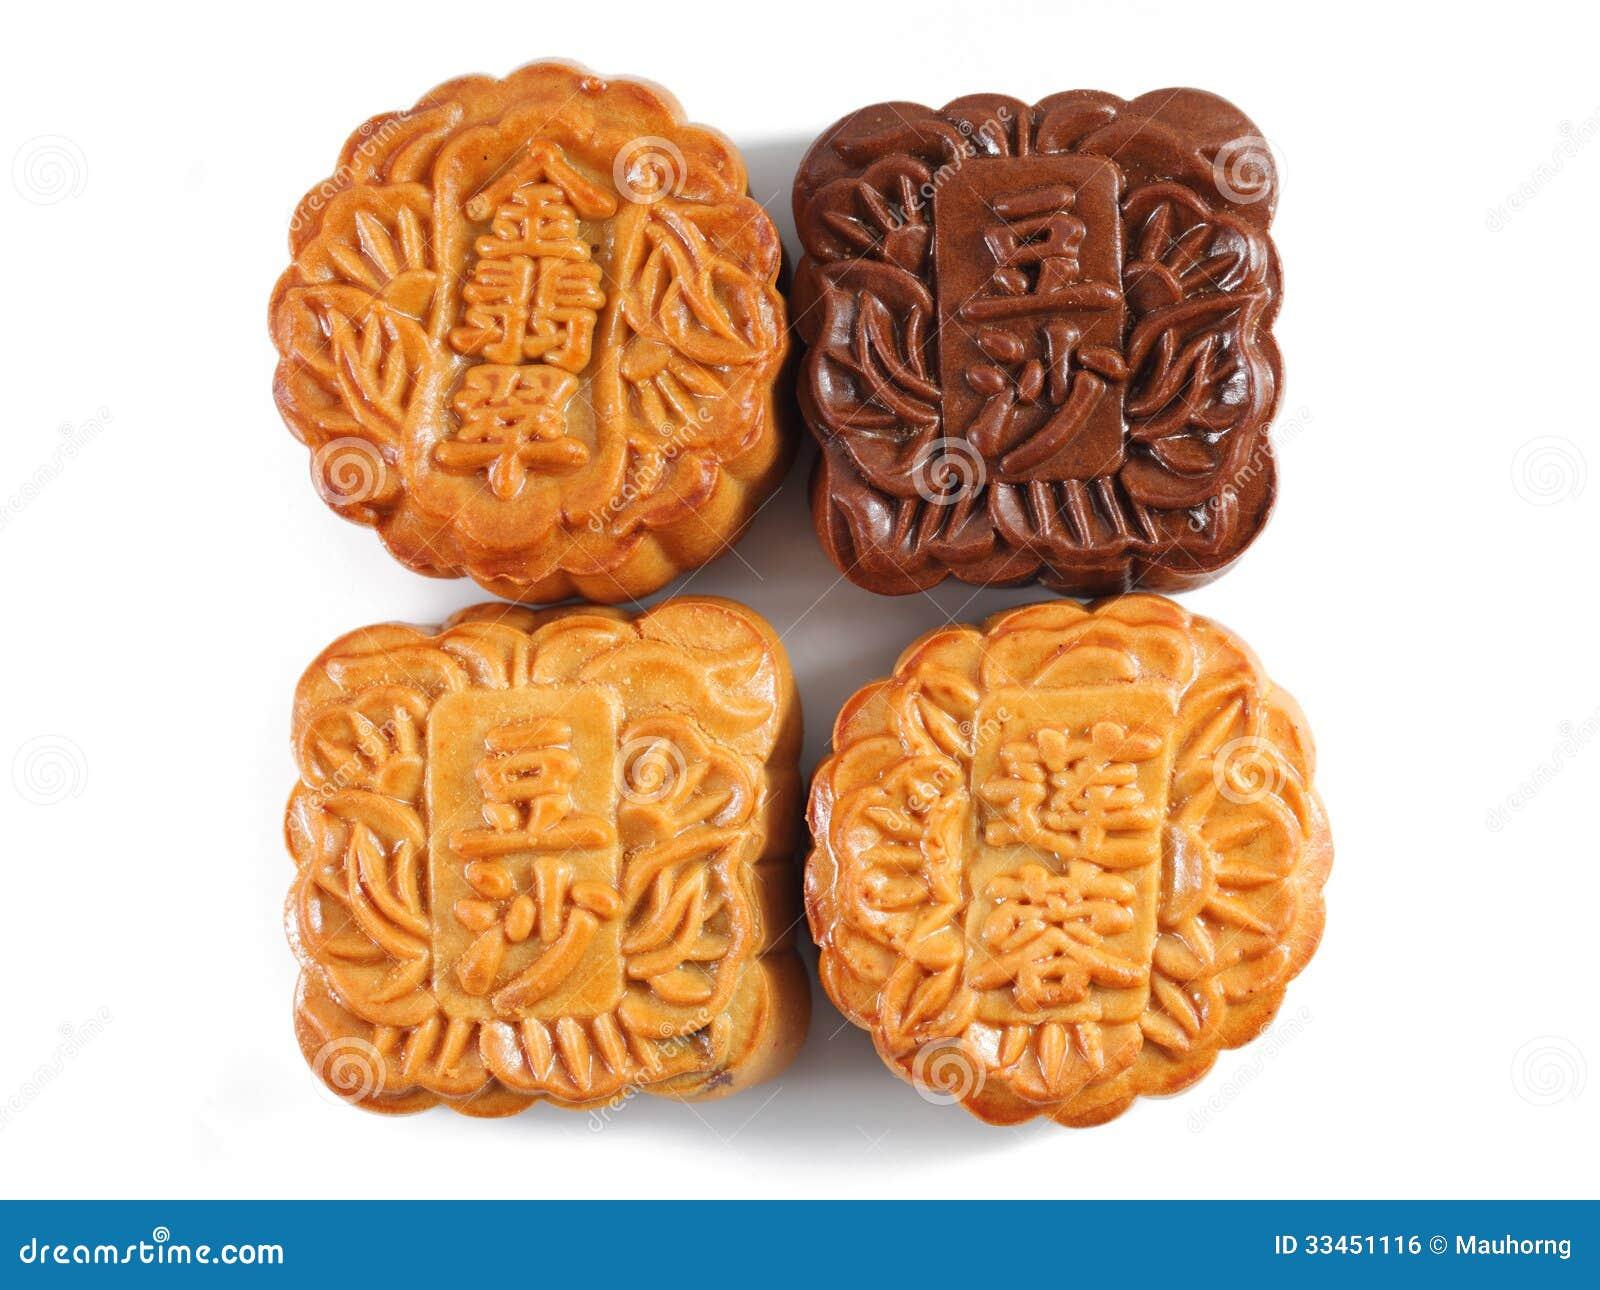 mooncakes hd